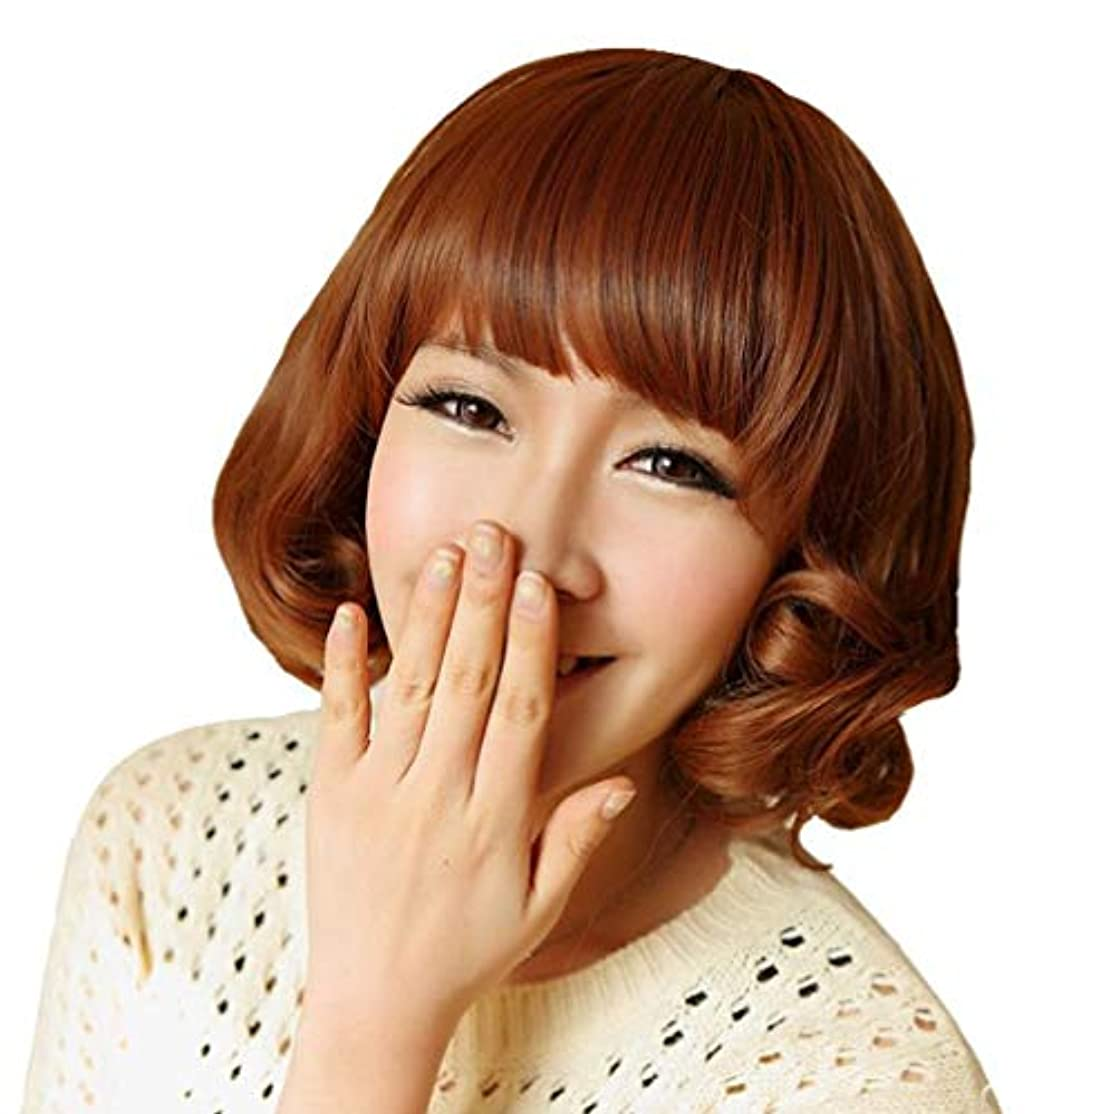 愛するピクニックをするずらすかつら女性ショートヘアボボヘッド空気前髪現実的な髪型 LH2206 (画像の色)